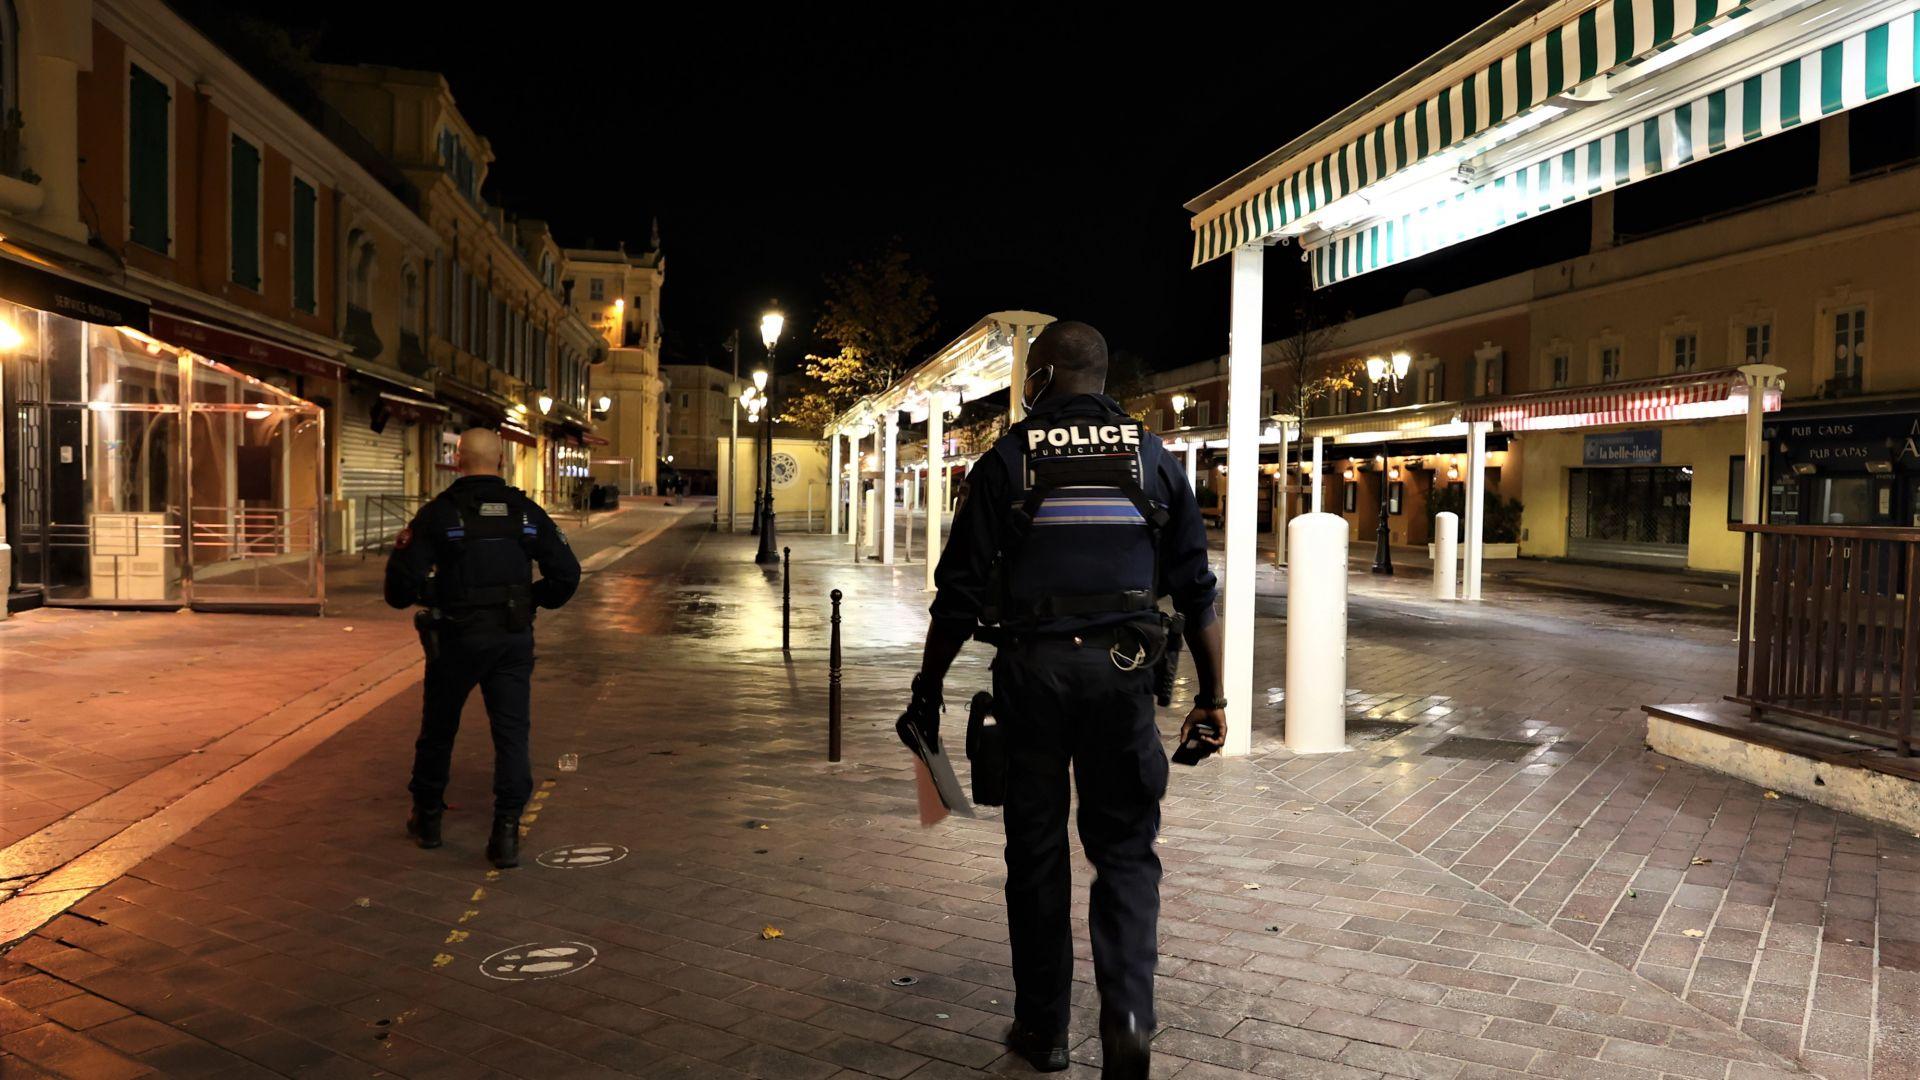 Вместо смекчаване - връщане на вечерния час: Франция не отстъпва от мерките